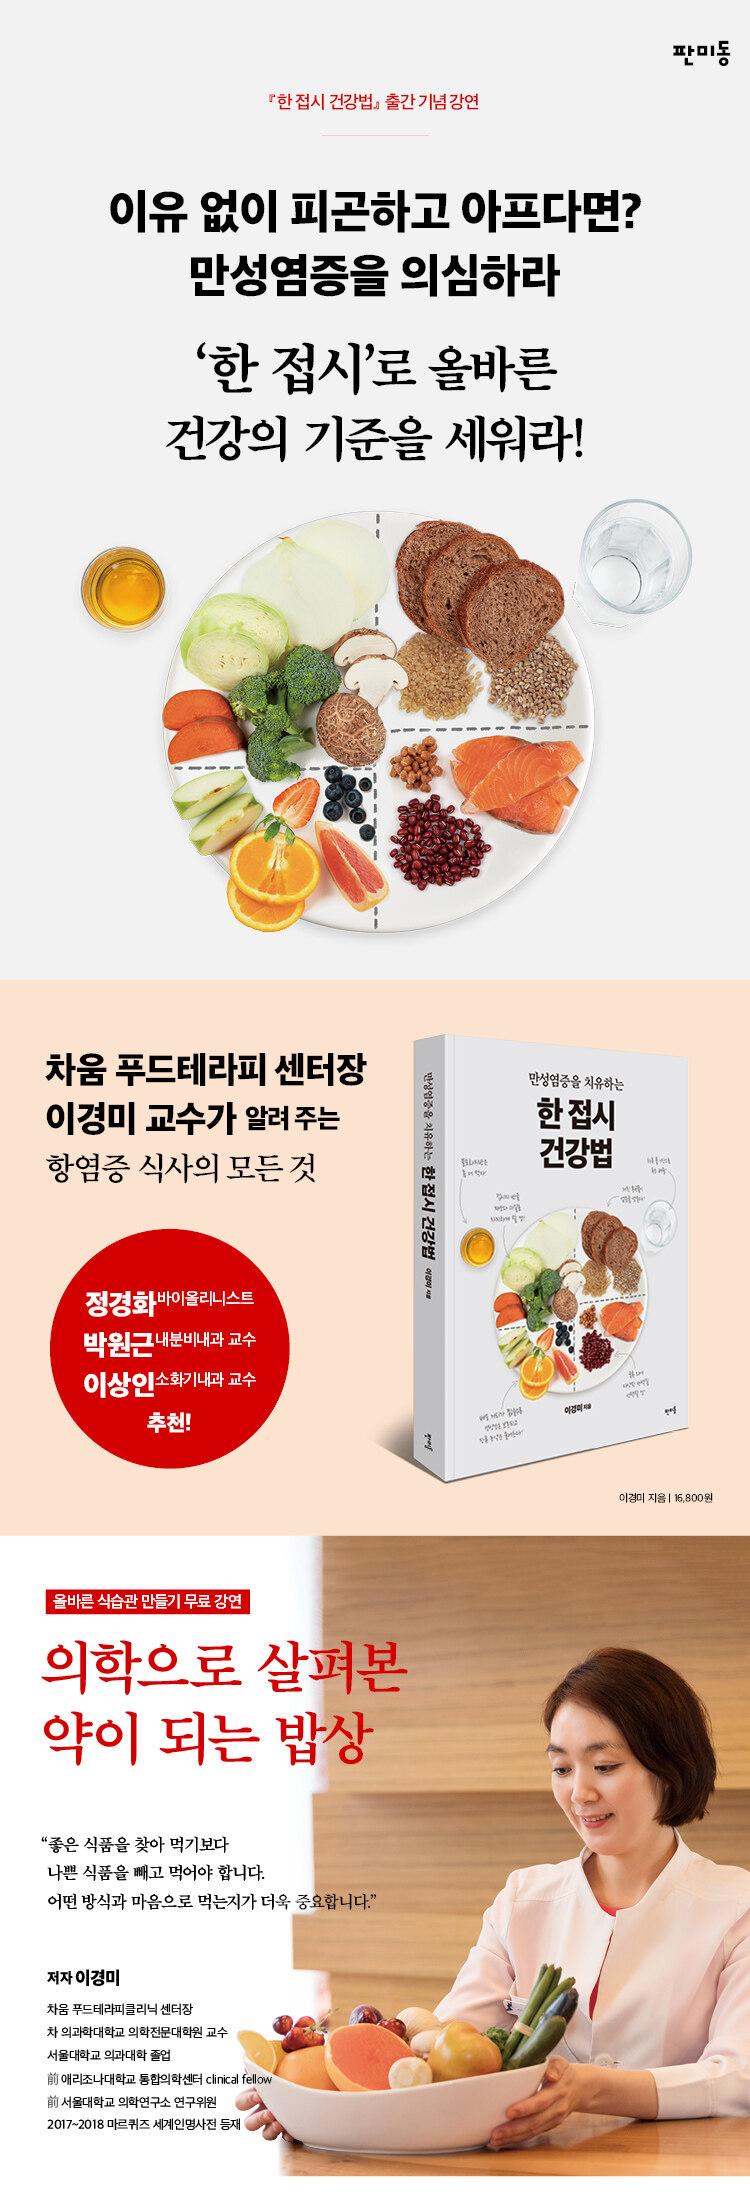 <한 접시 건강법> 저자 강연회